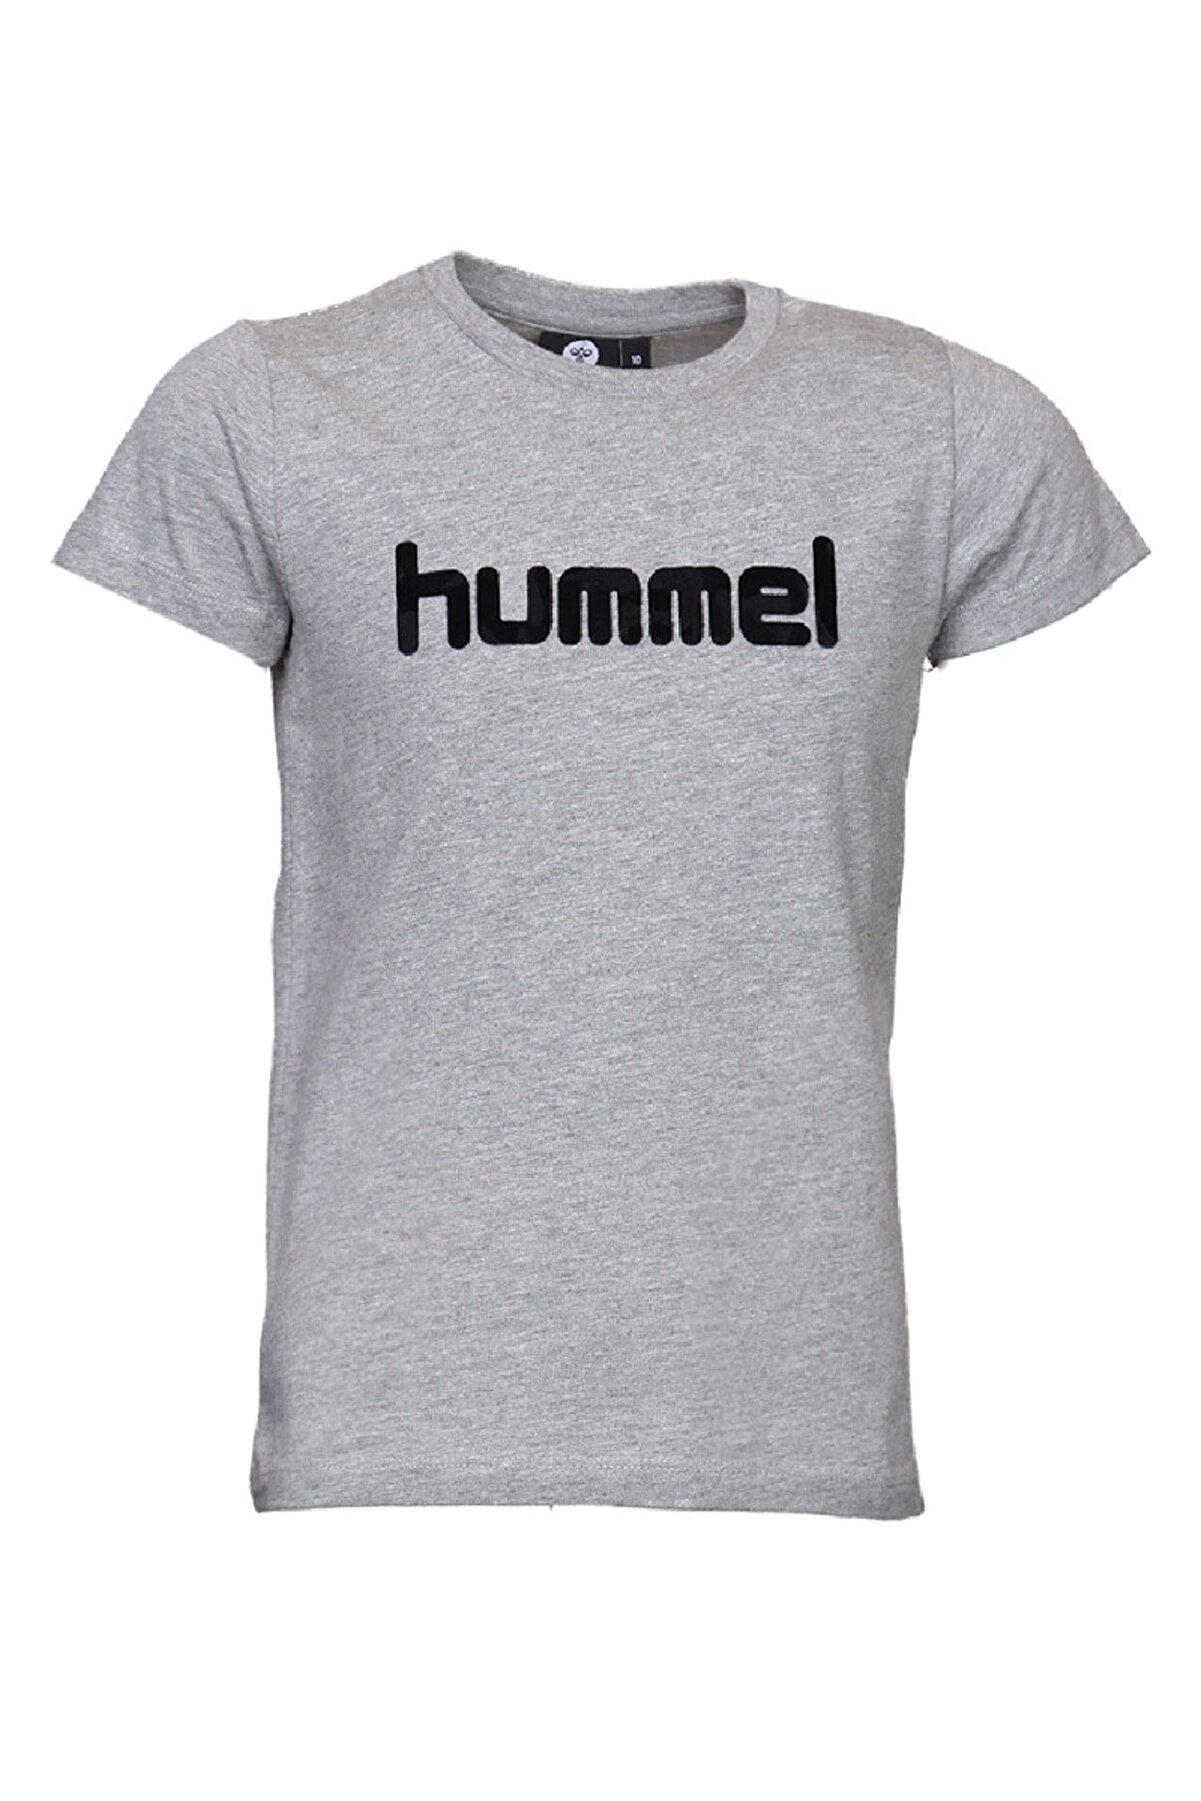 HUMMEL Gri Kız Çocuk Mota Kısa Kollu Tişört